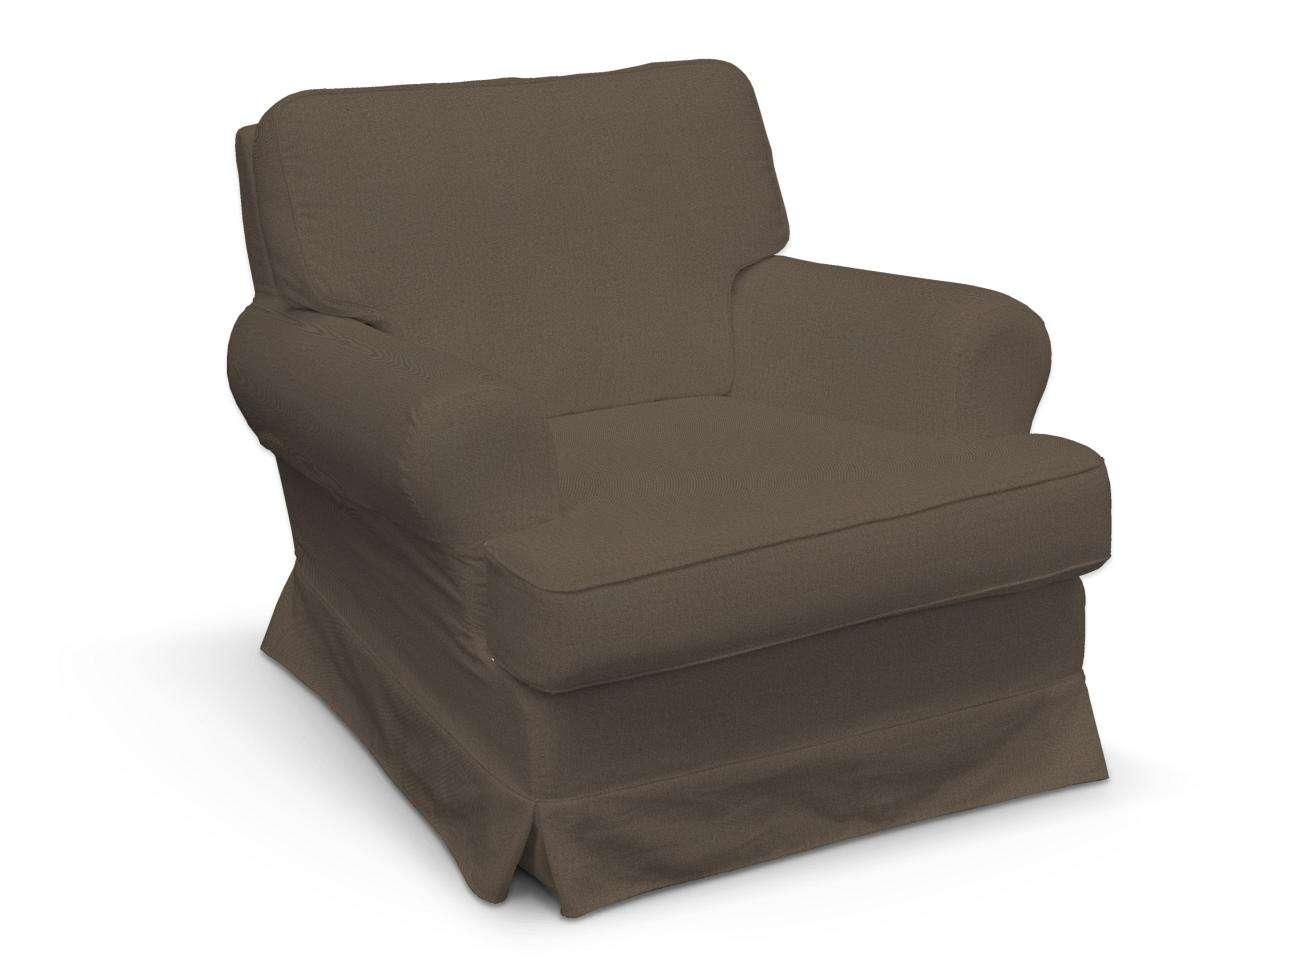 Bezug für Barkaby Sessel von der Kollektion Etna, Stoff: 705-08